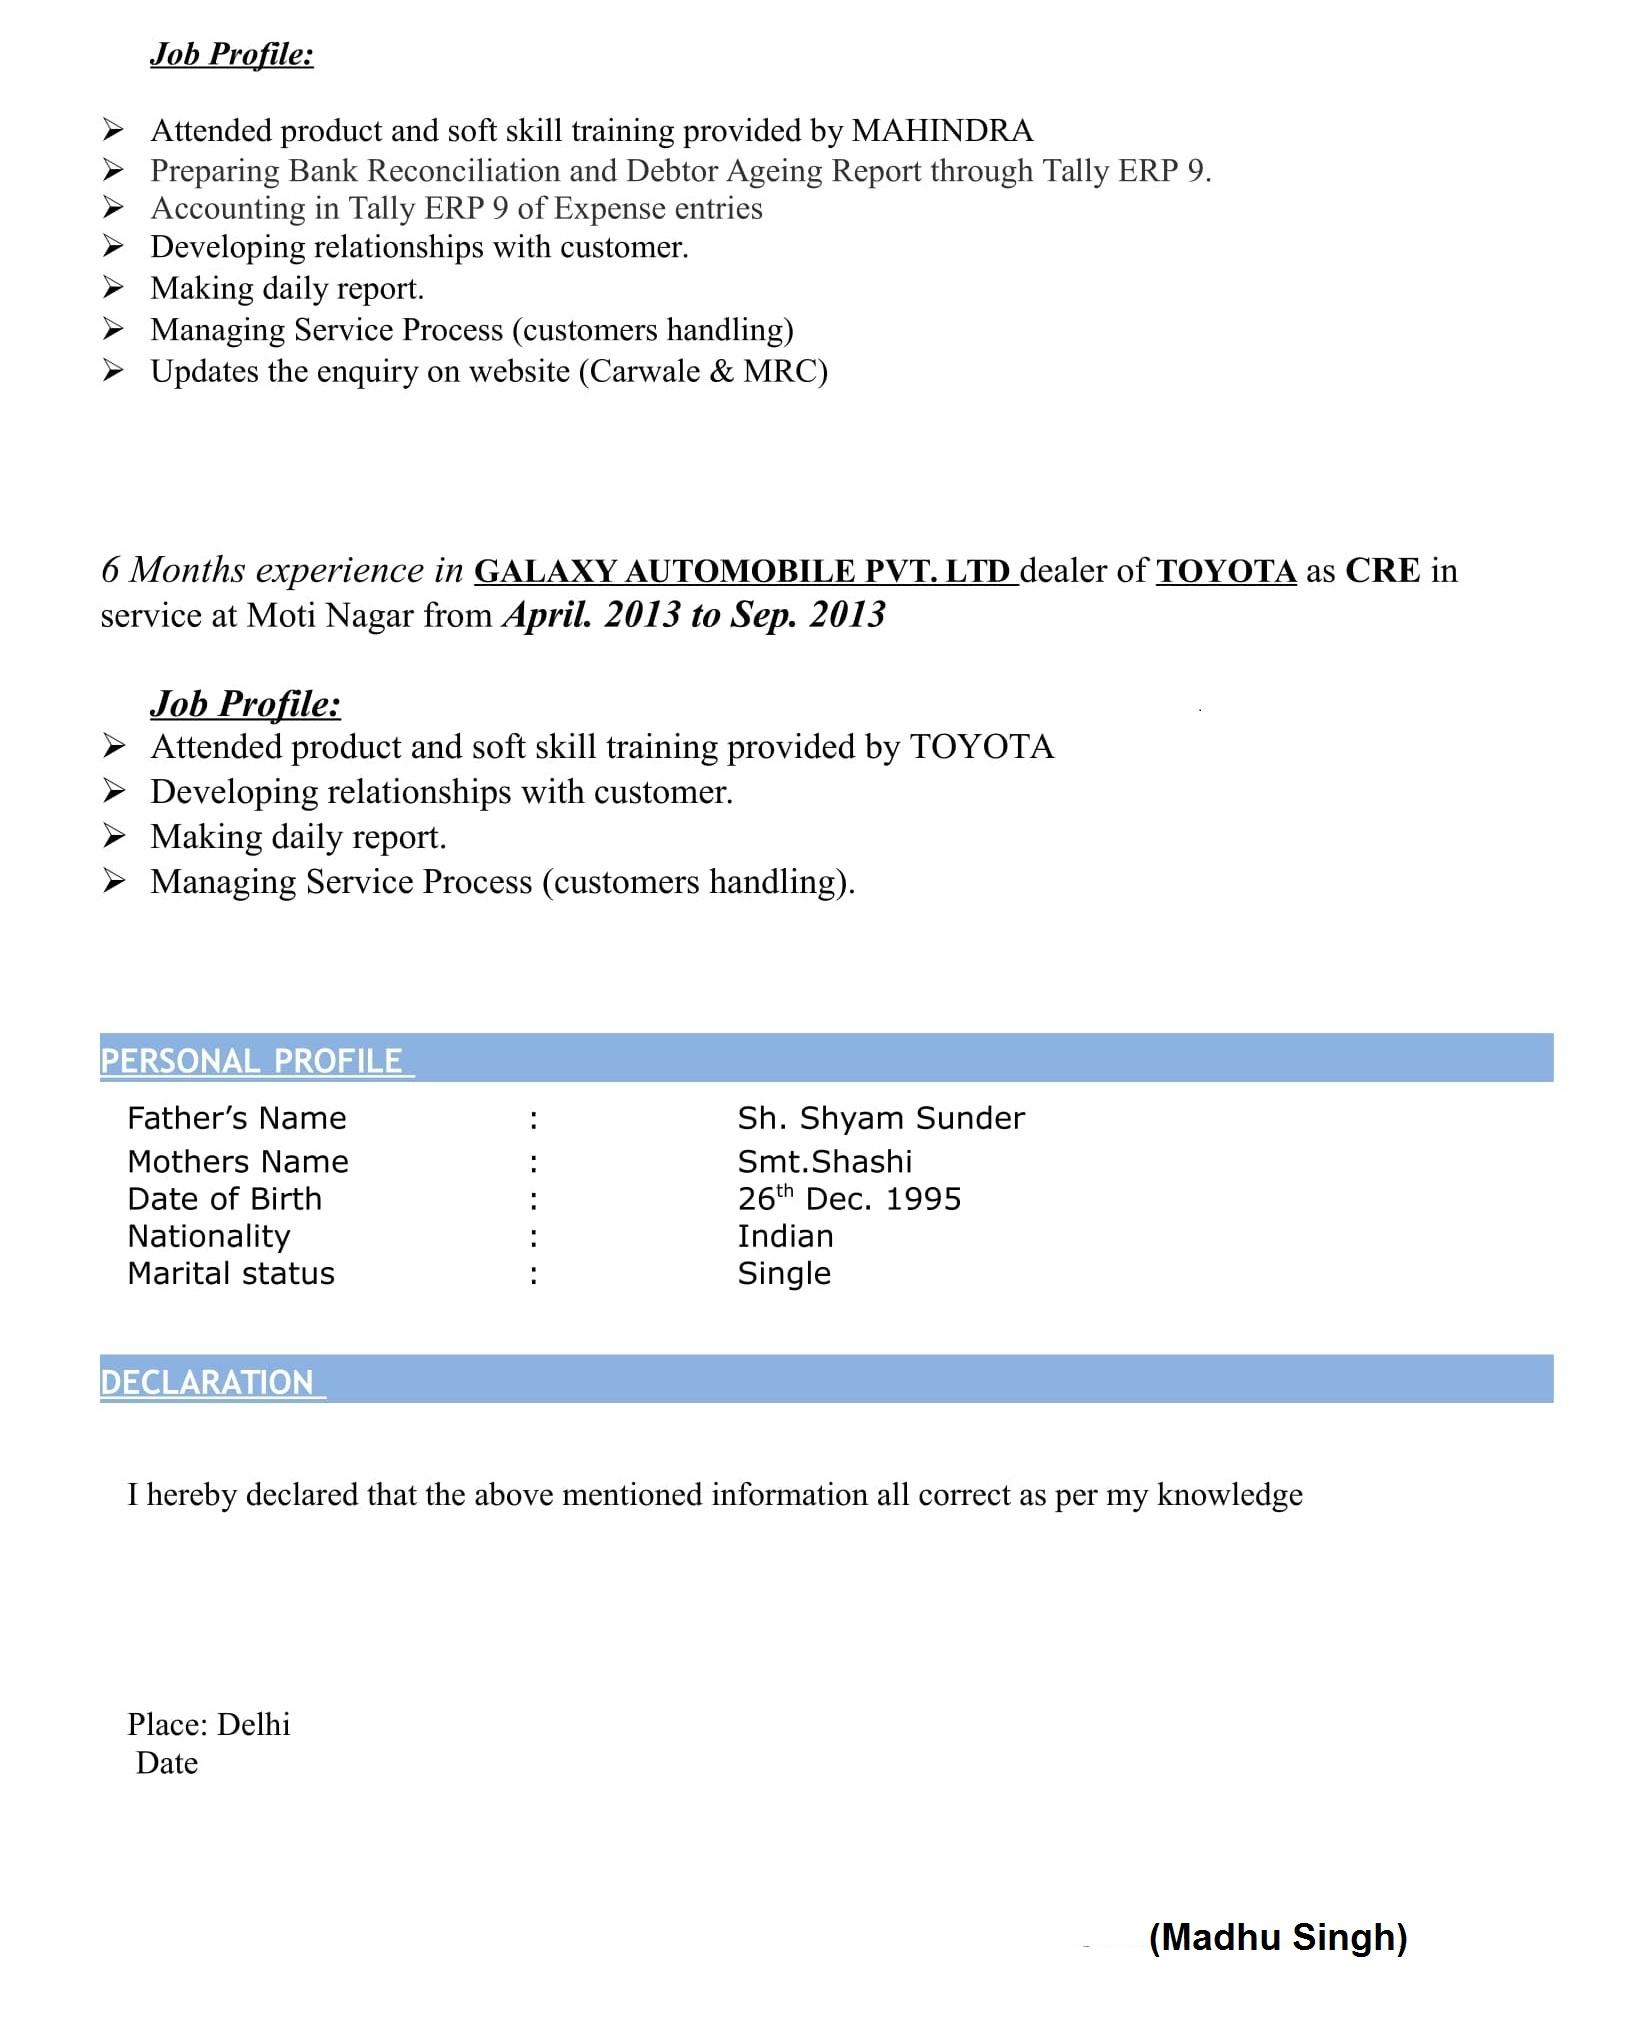 CV JYOTI MALHOTRA 2